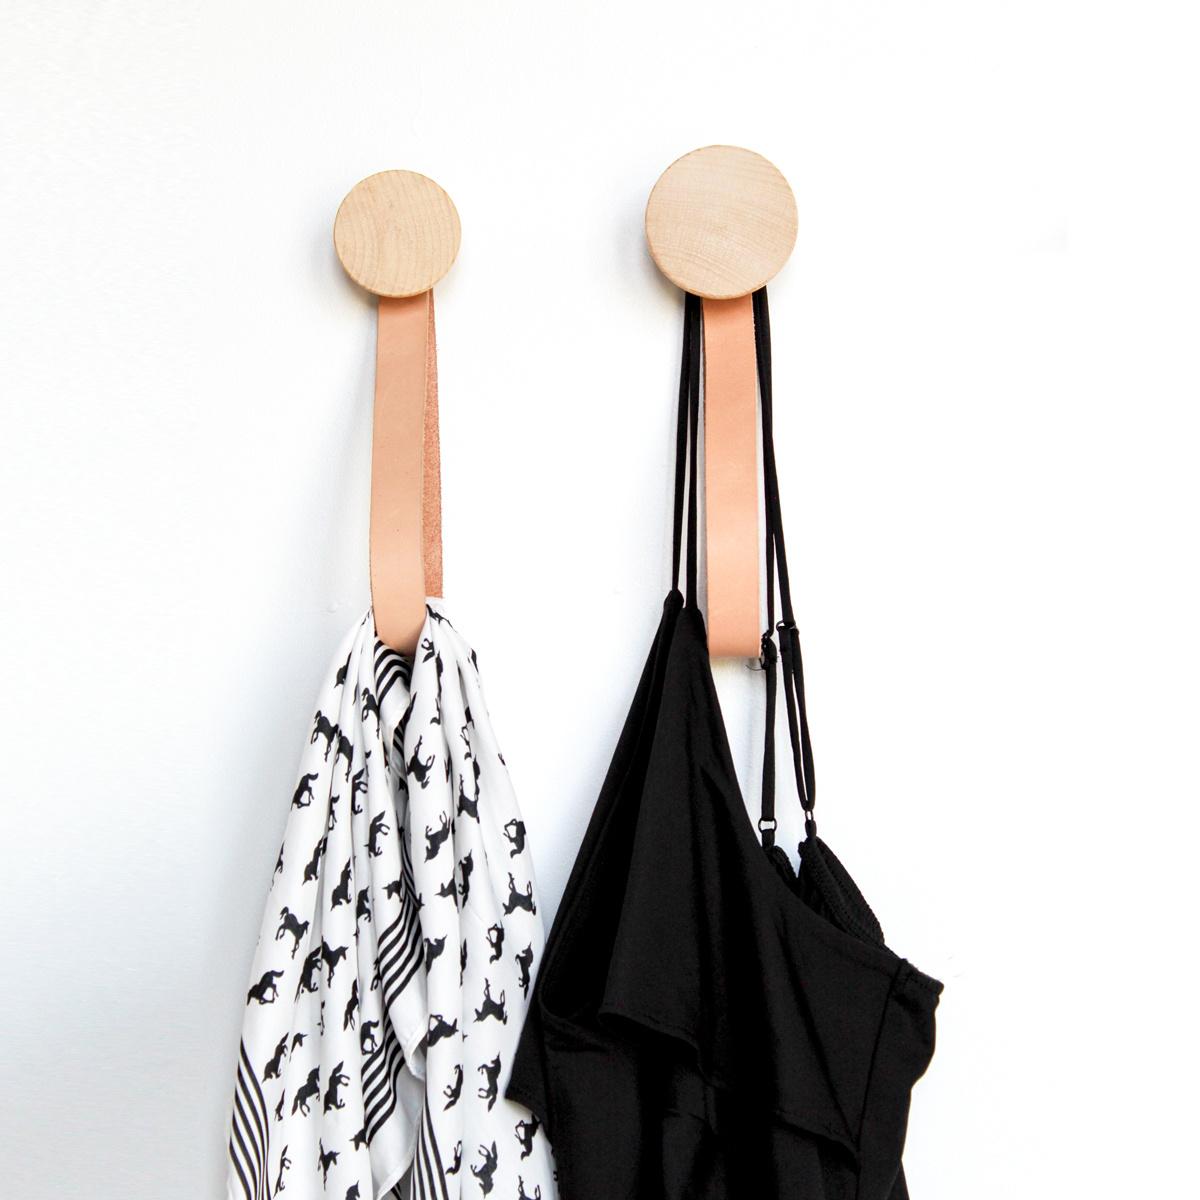 Ronde beukenhouten wandhaak met lederen lus set/2